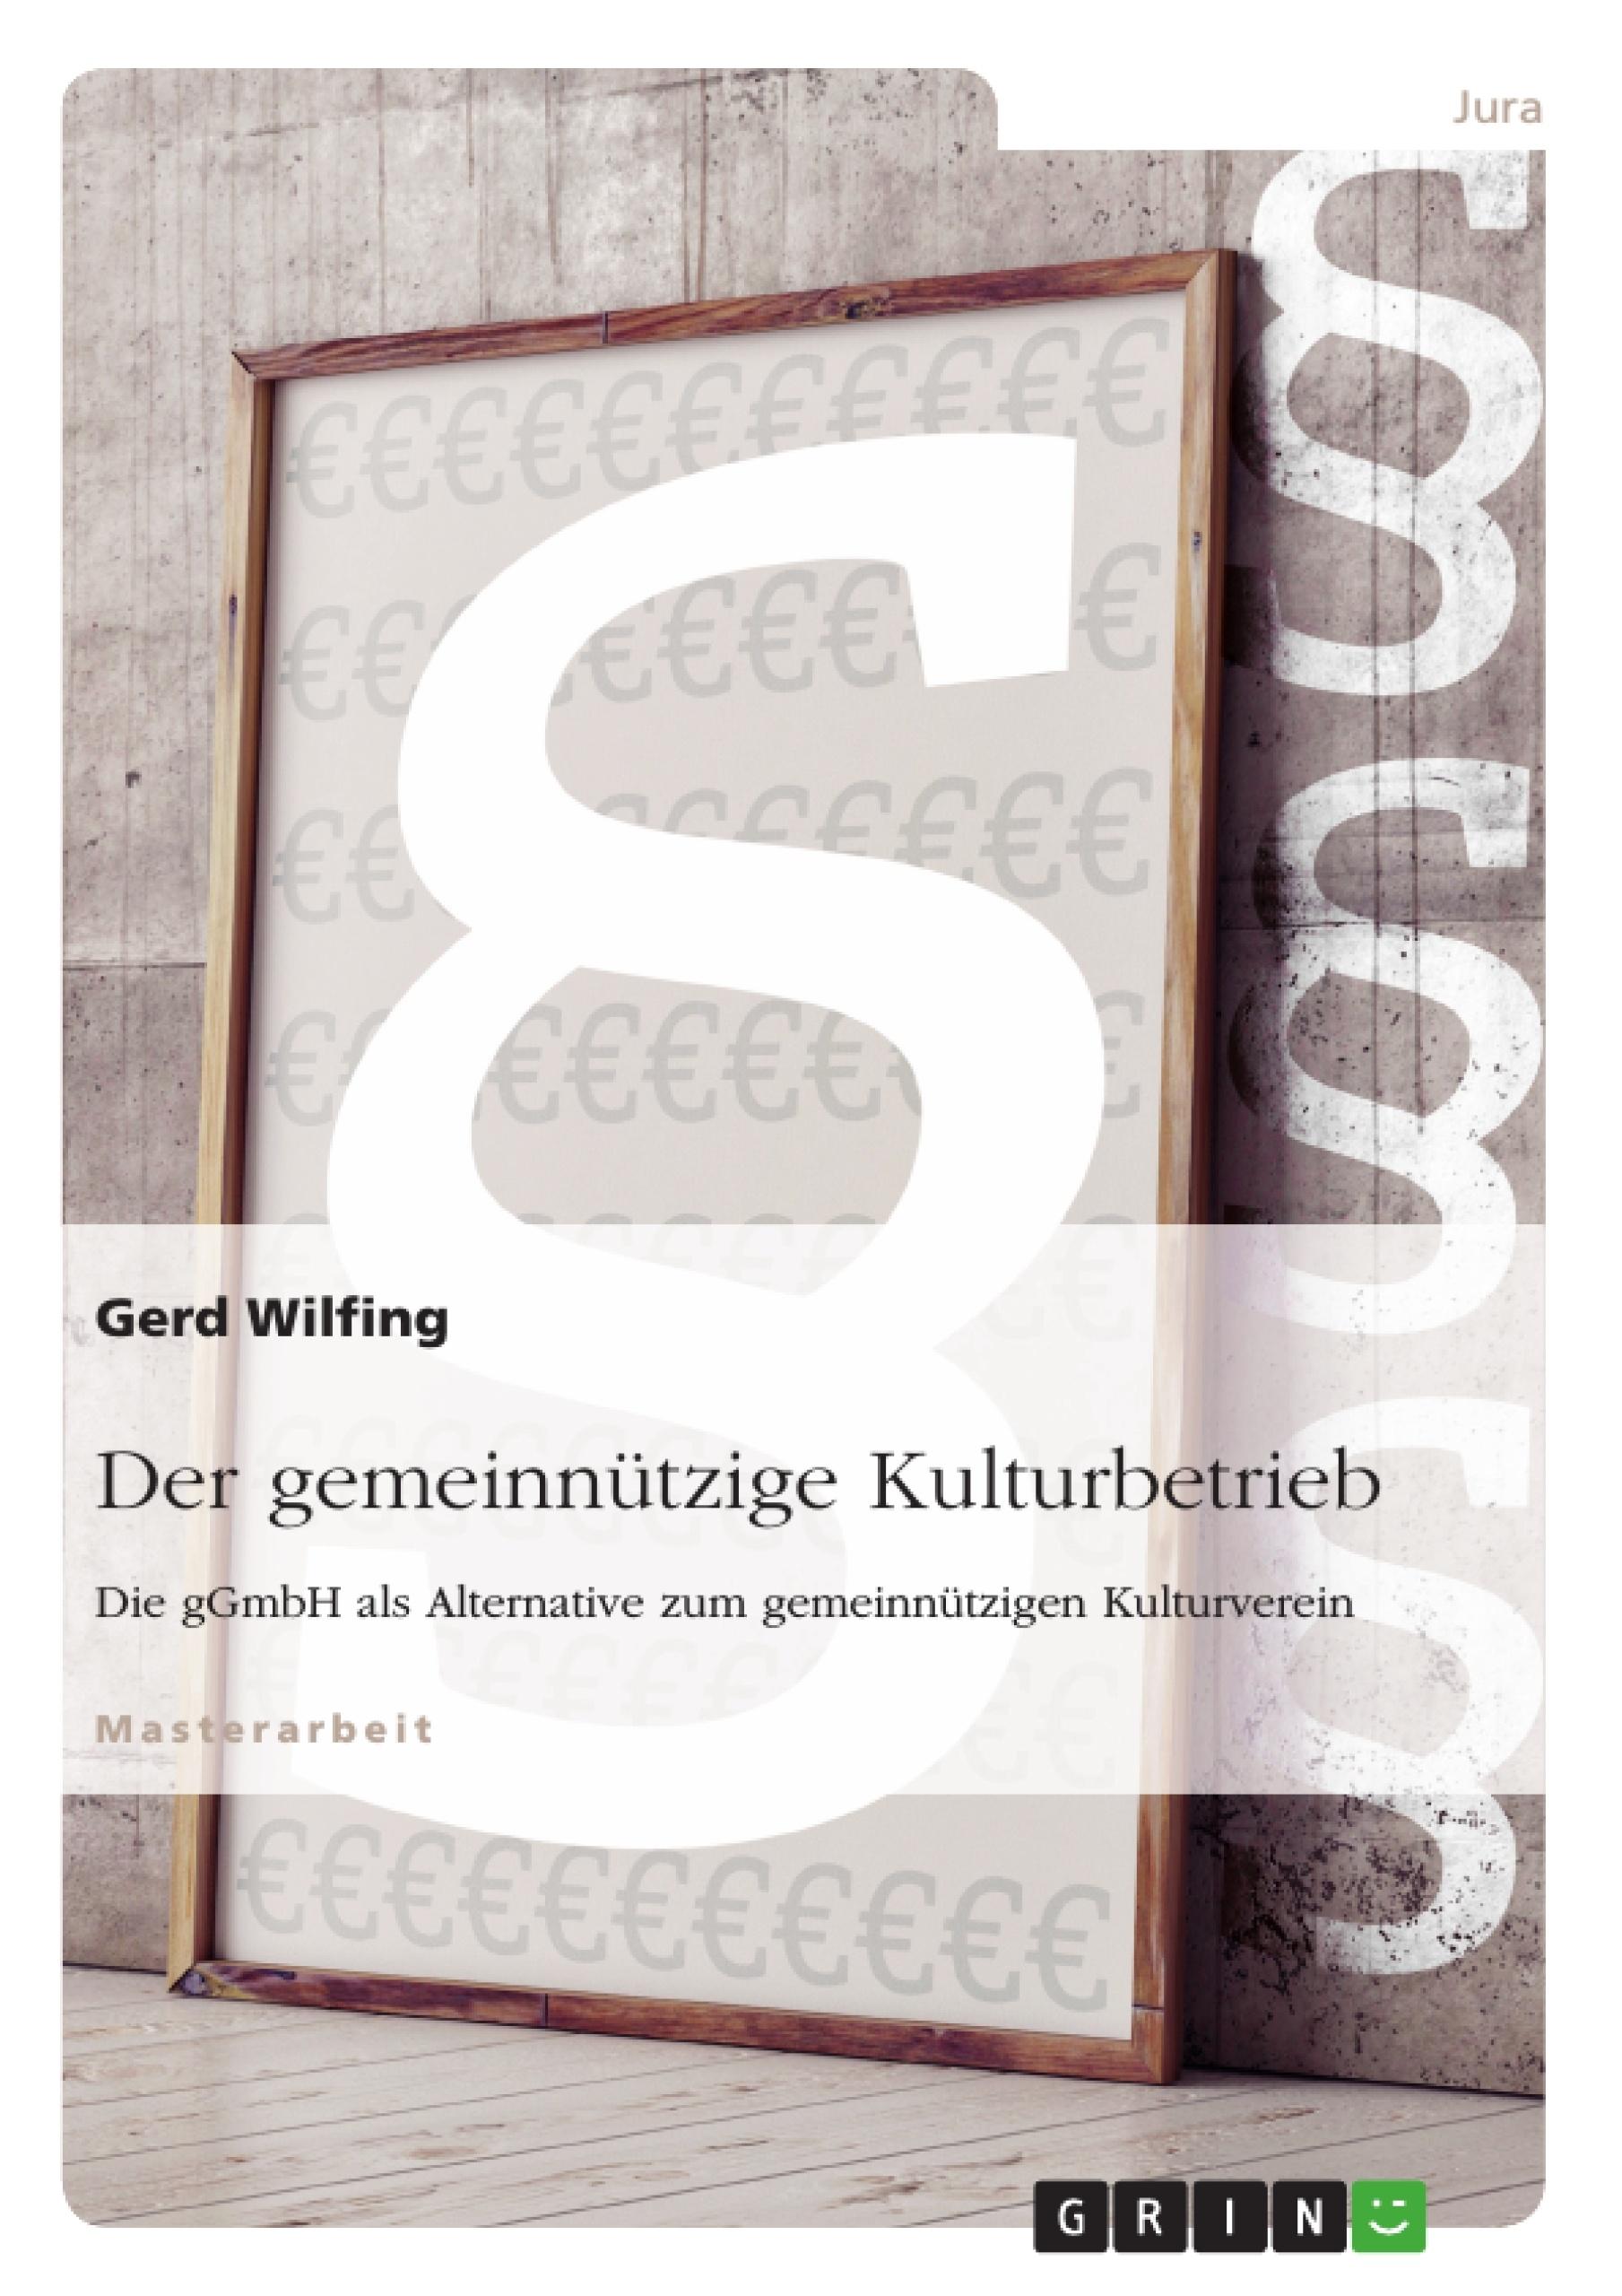 Titel: Der gemeinnützige Kulturbetrieb. Die gGmbH als Alternative zum gemeinnützigen Kulturverein